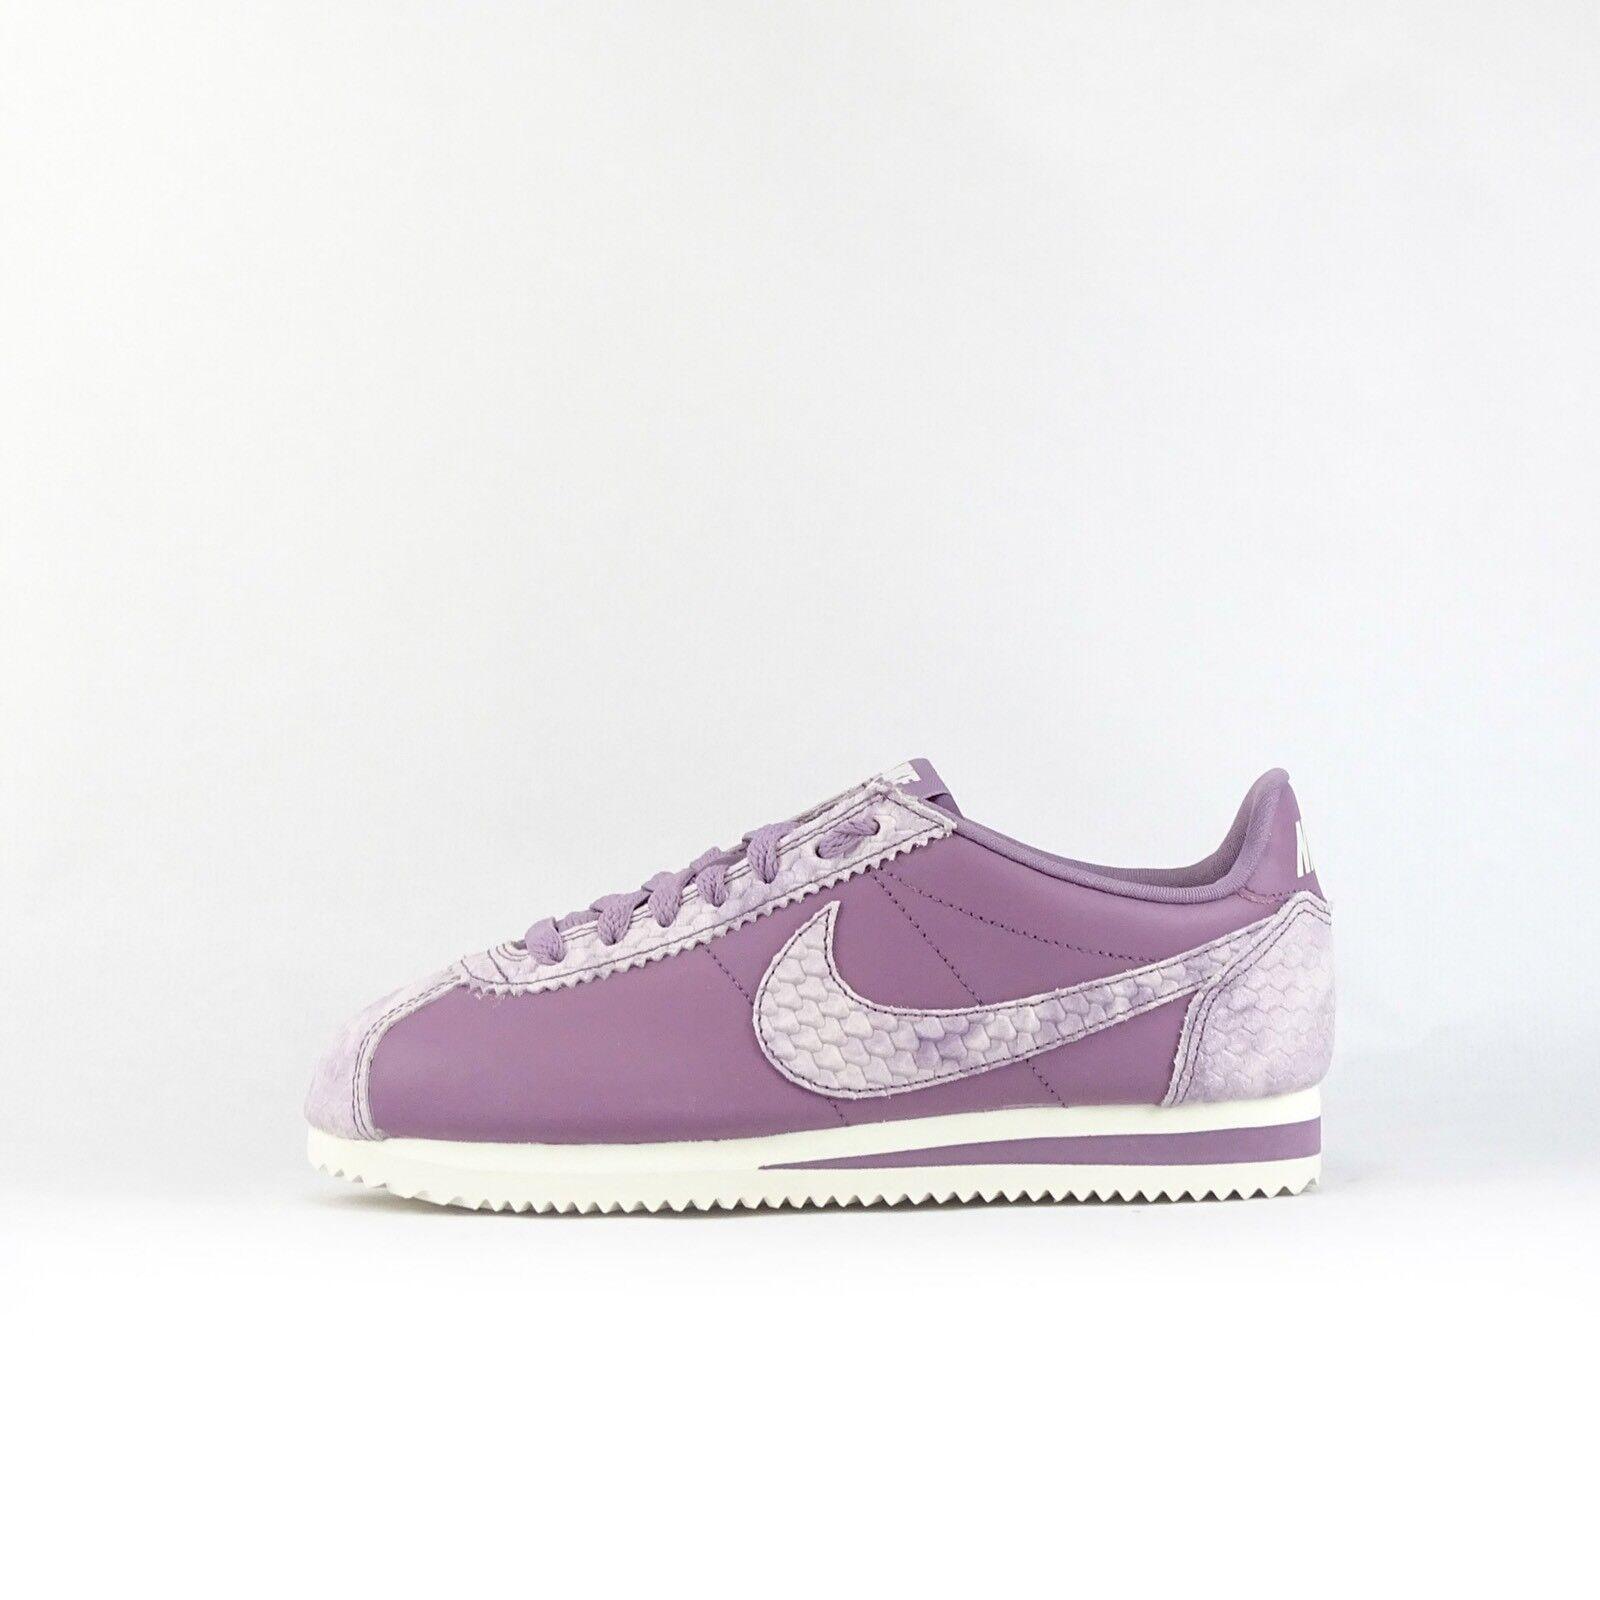 UK 7 femmes Nike Classic Cortez Prem Trainers EUR 41 US 9.5 905614-500 Violet